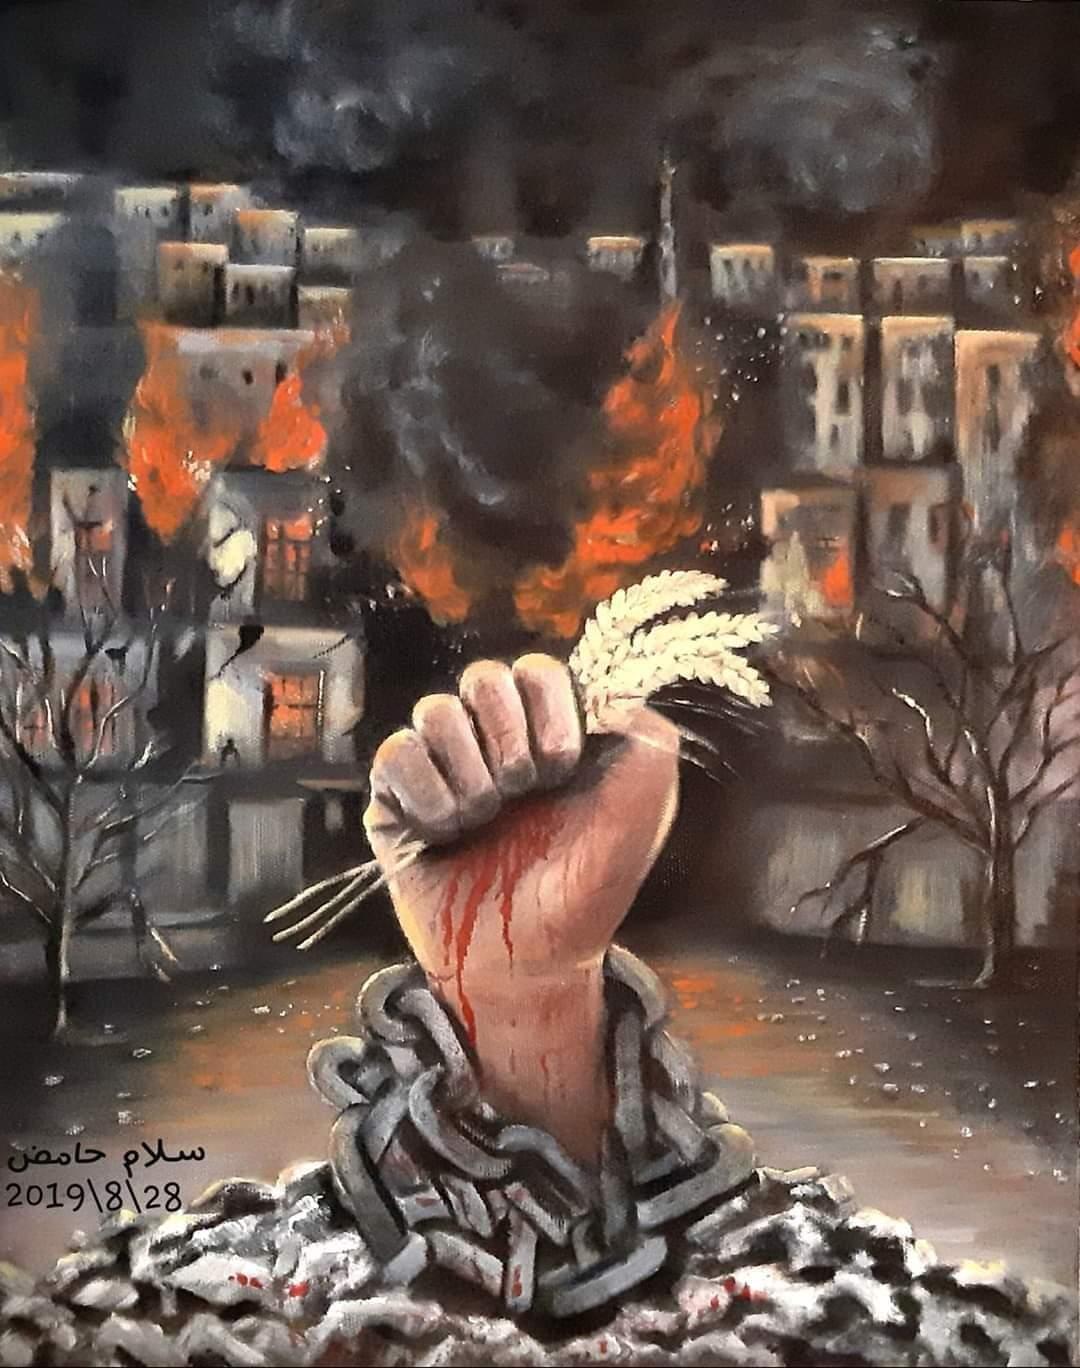 الصورة للرسامة سلام الحامض -إنترنيت